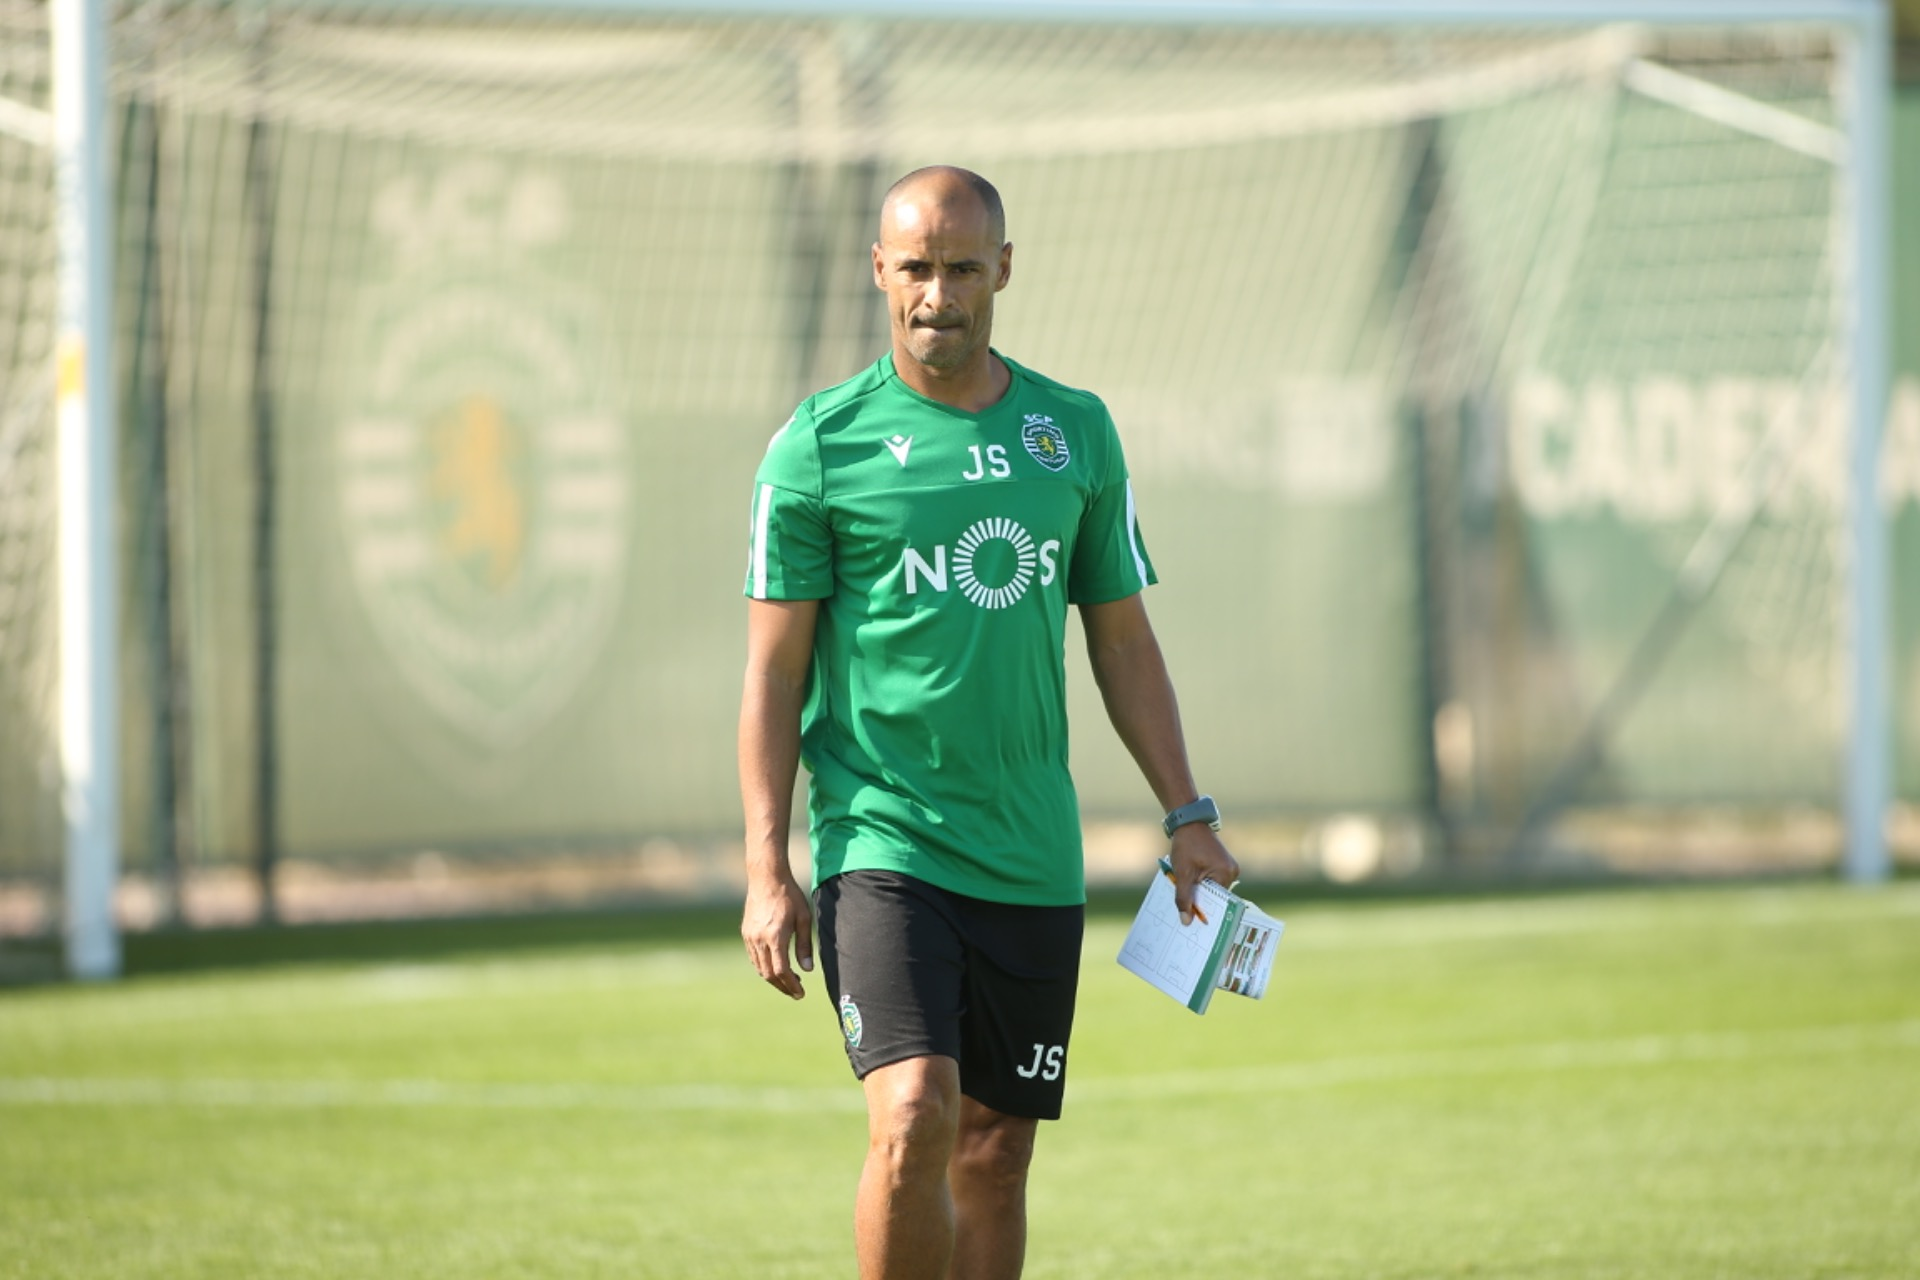 Internacionais sub-21 regressam ao trabalho no Sporting